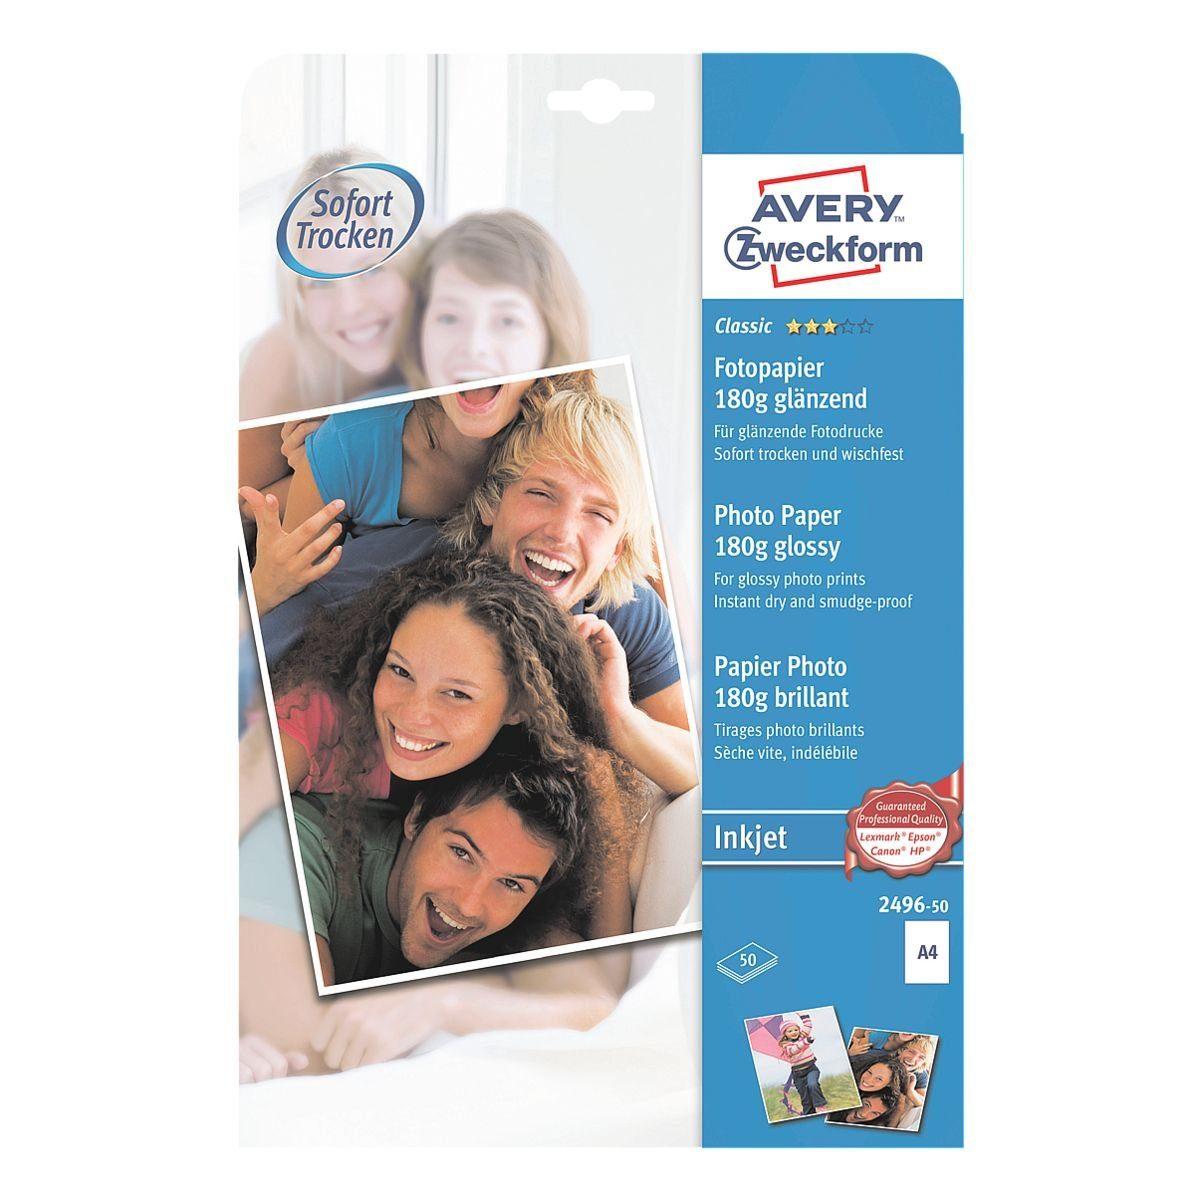 Avery Zweckform Inkjet Fotopapier